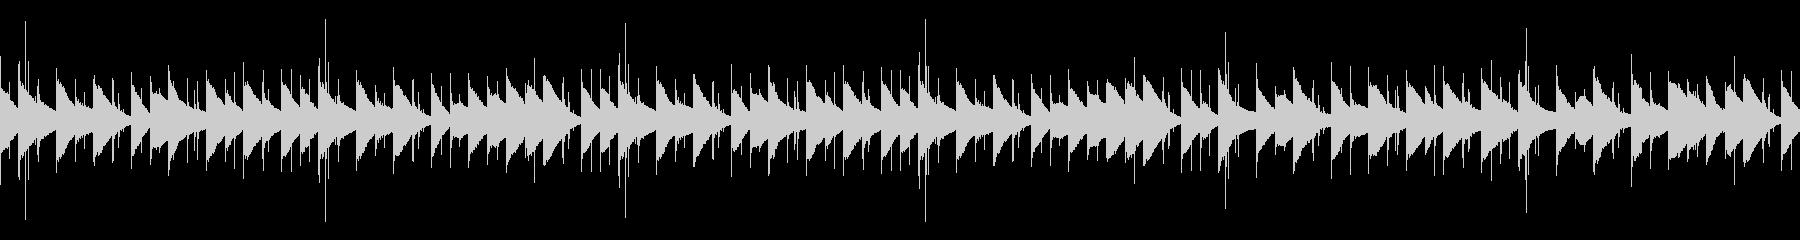 オルゴール・マリンバの可愛いBGMループの未再生の波形